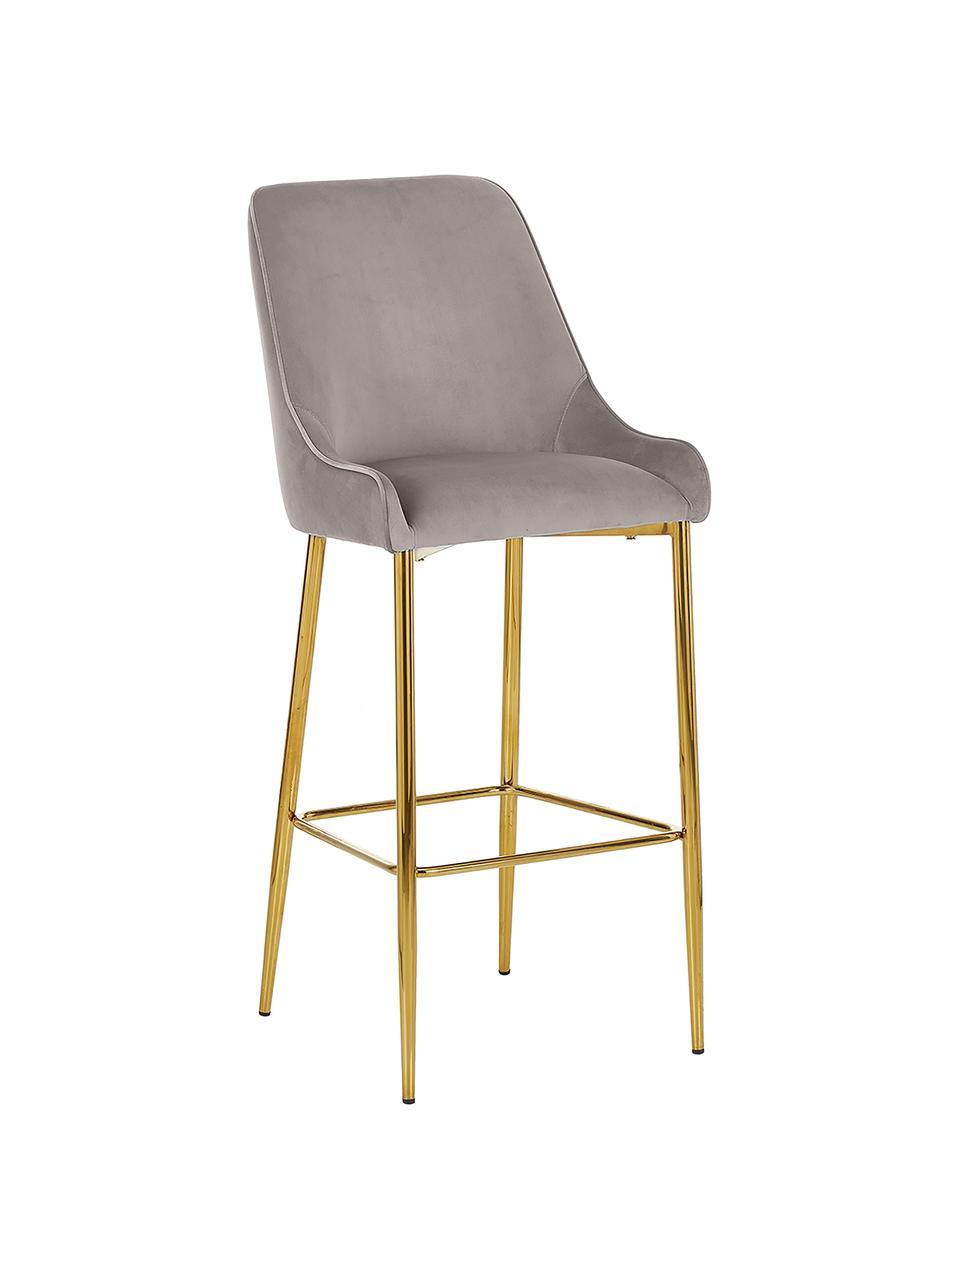 Sedia da bar in velluto taupe Ava, Rivestimento: velluto (100% poliestere), Velluto taupe, Larg. 48 x Alt. 107 cm